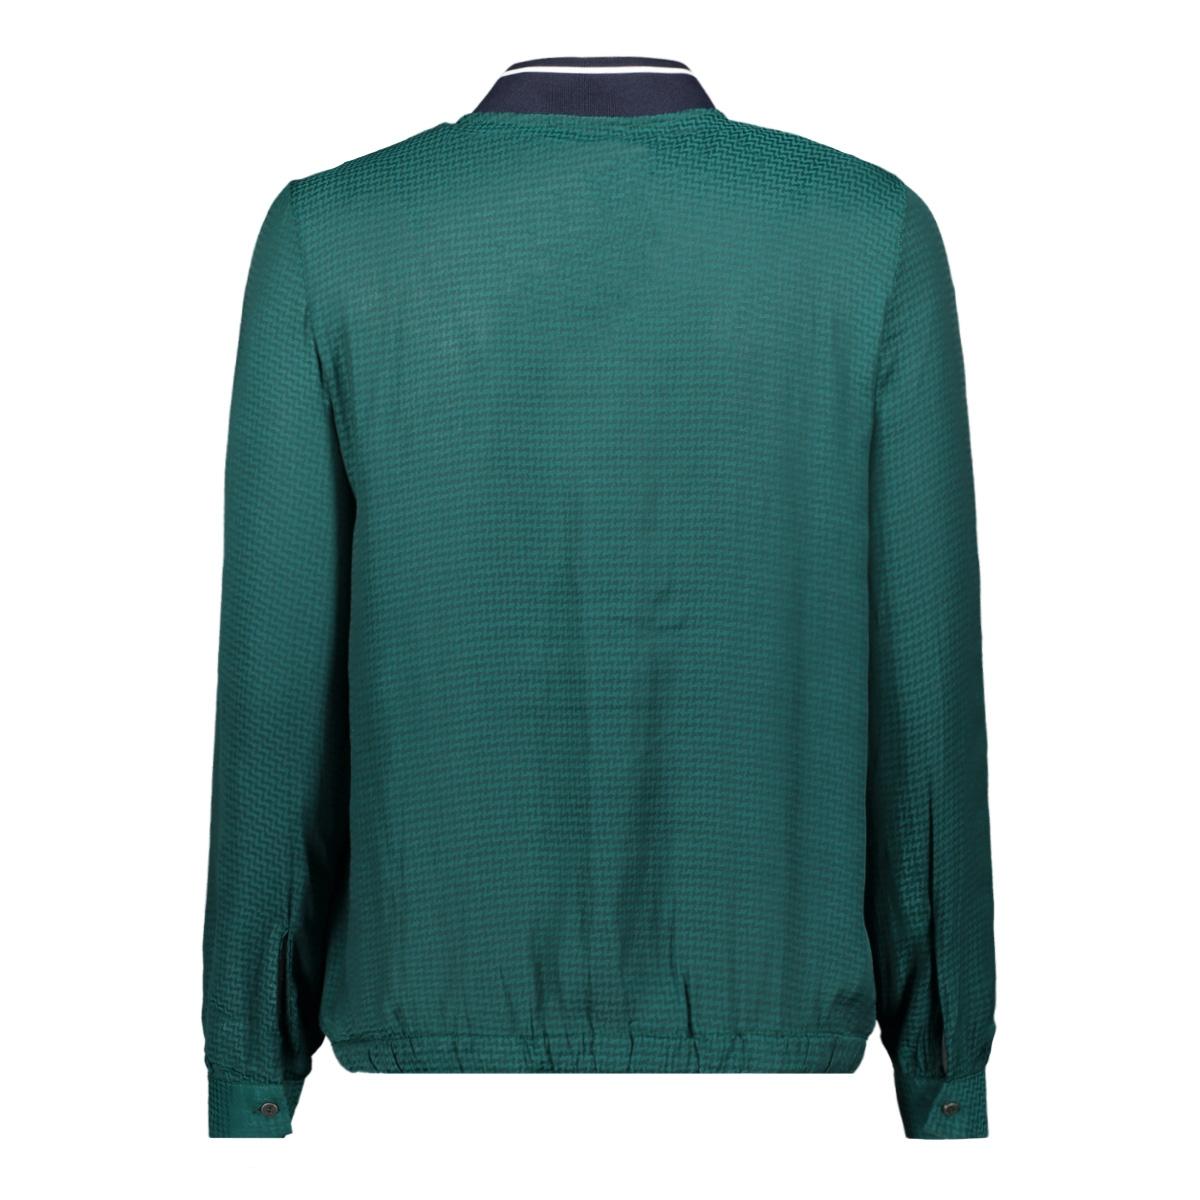 groene blouse met strikdetail j90233 garcia blouse 2366 botanical